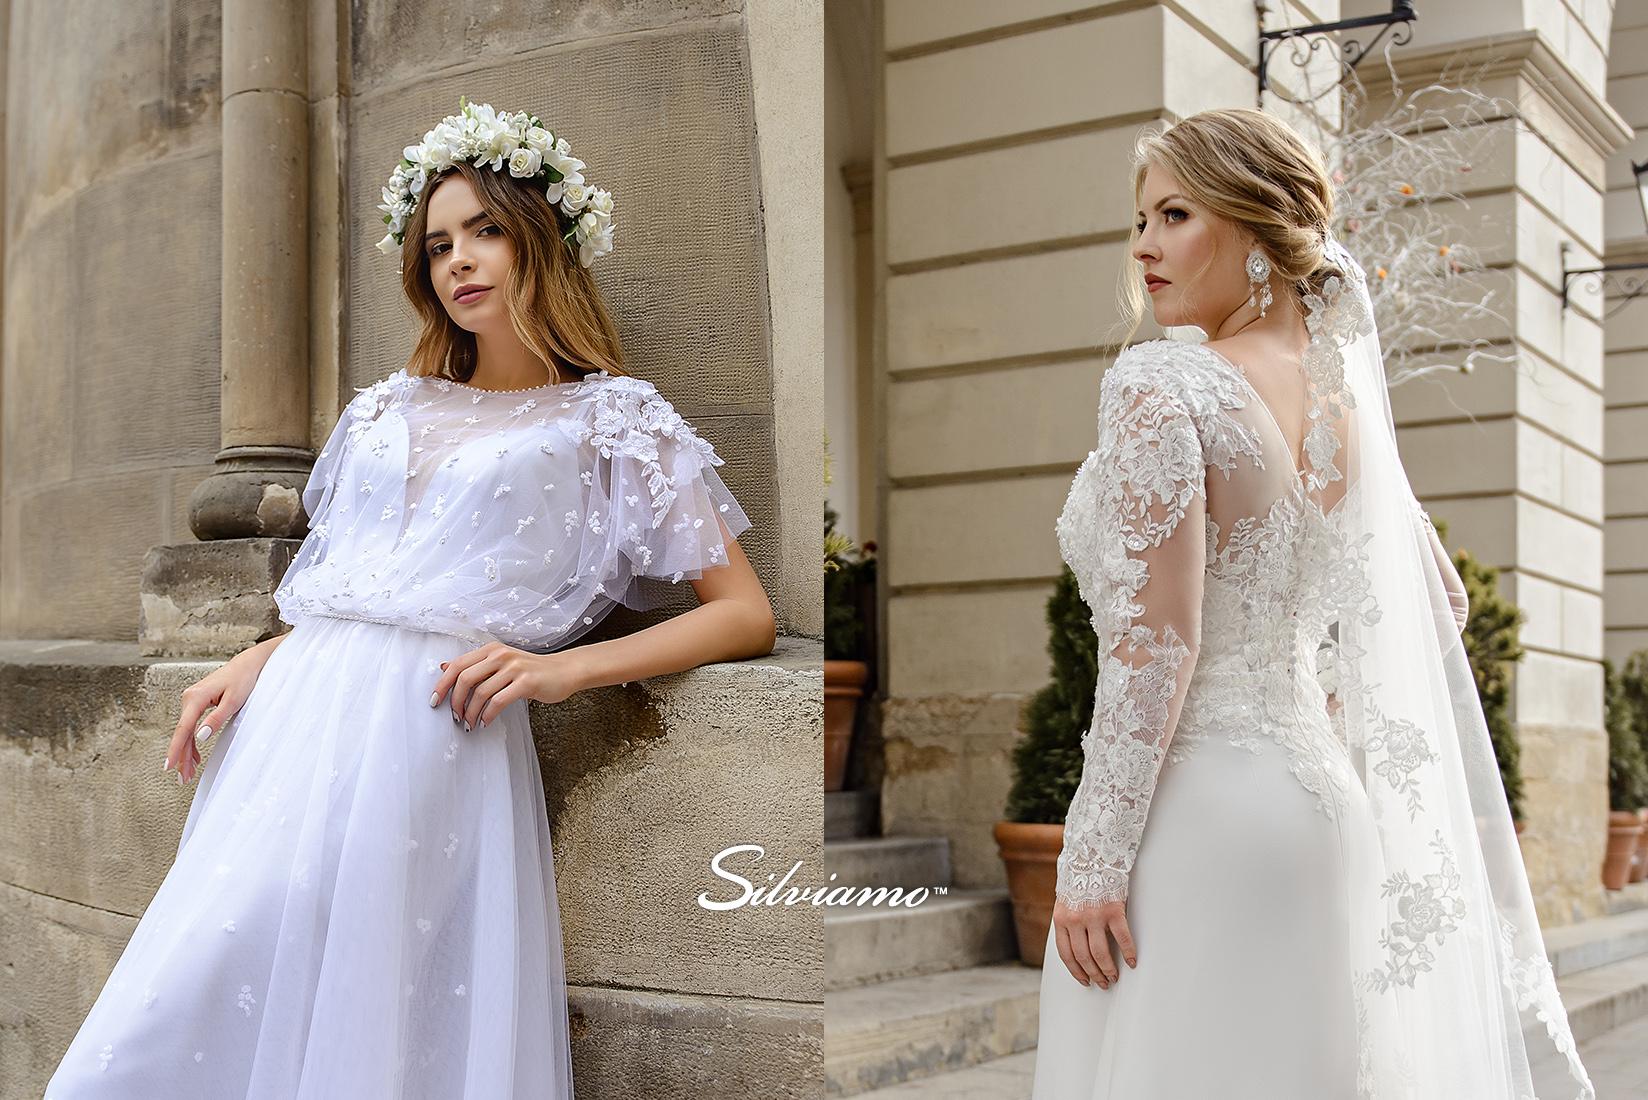 adf7f0fa77c302 Сучасні весільні сукні оптом від виробника Silviamo